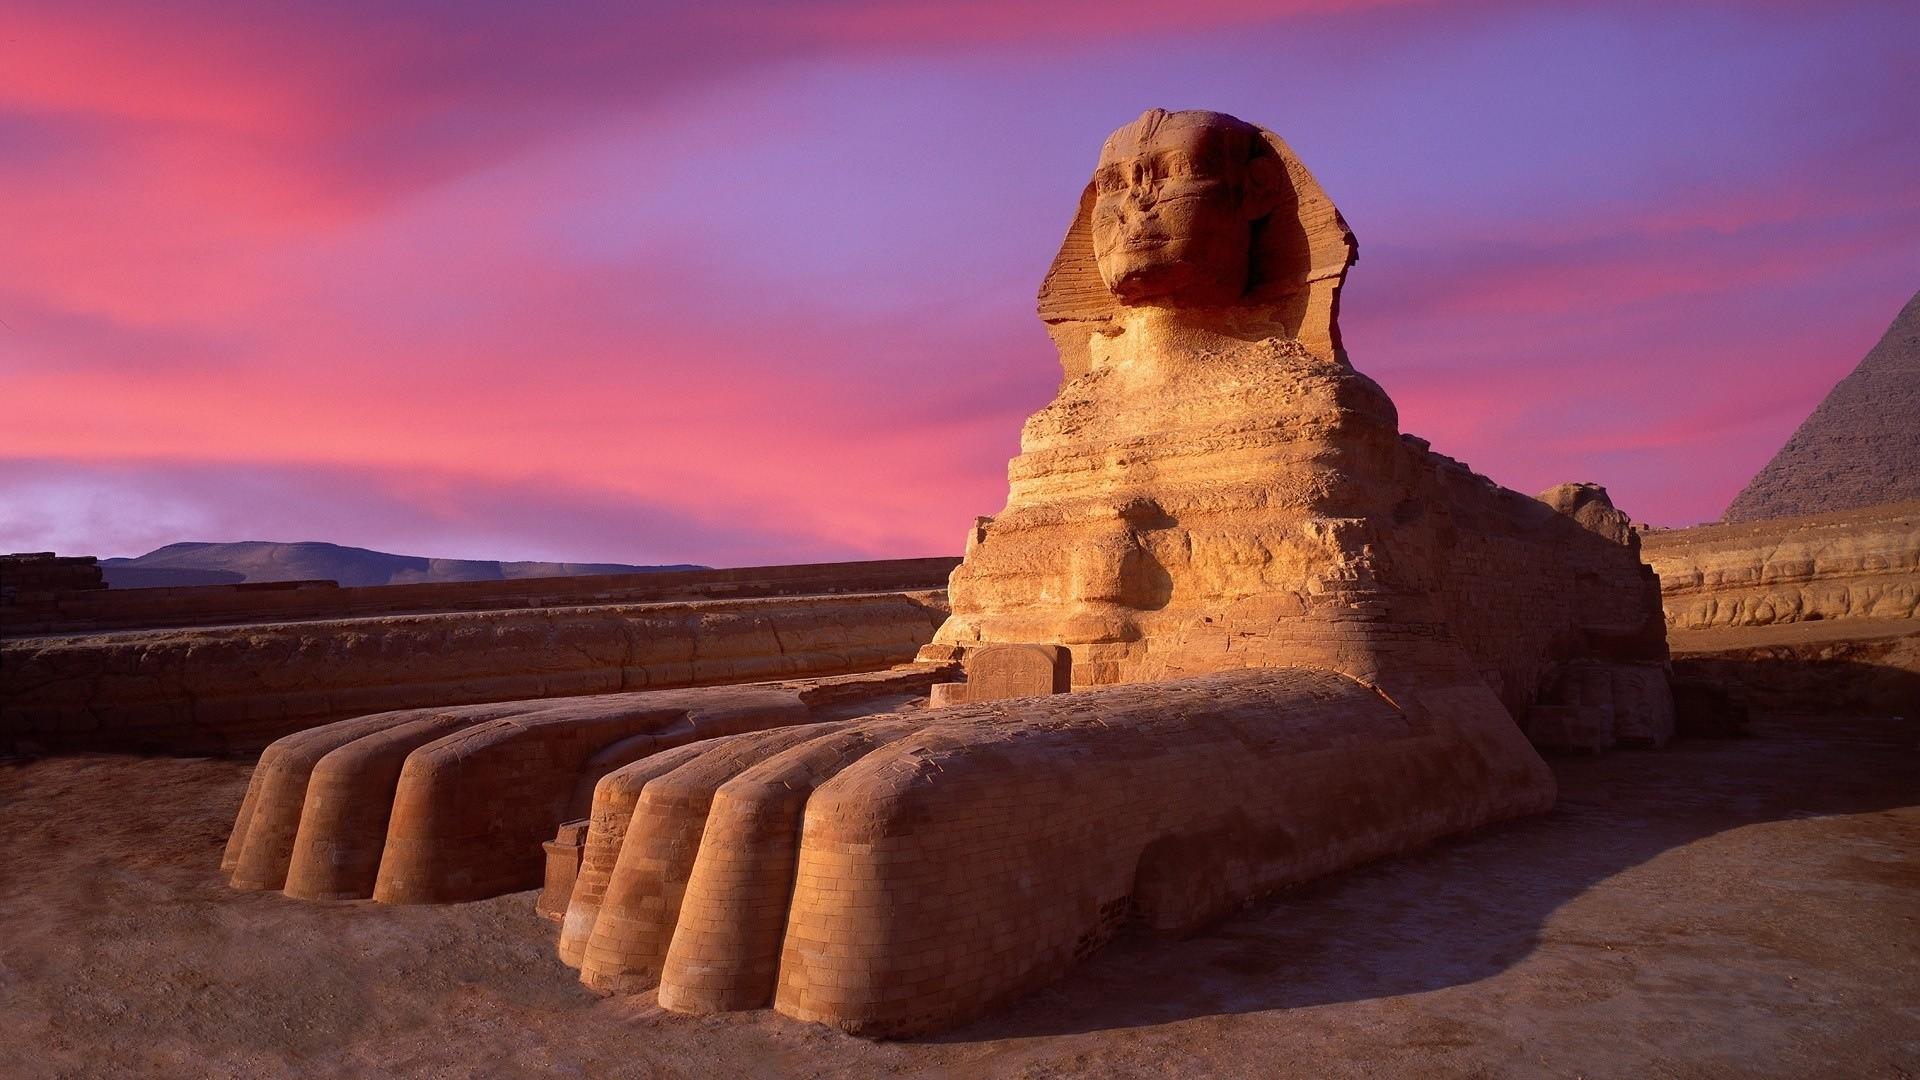 Egypt Full HD Wallpaper